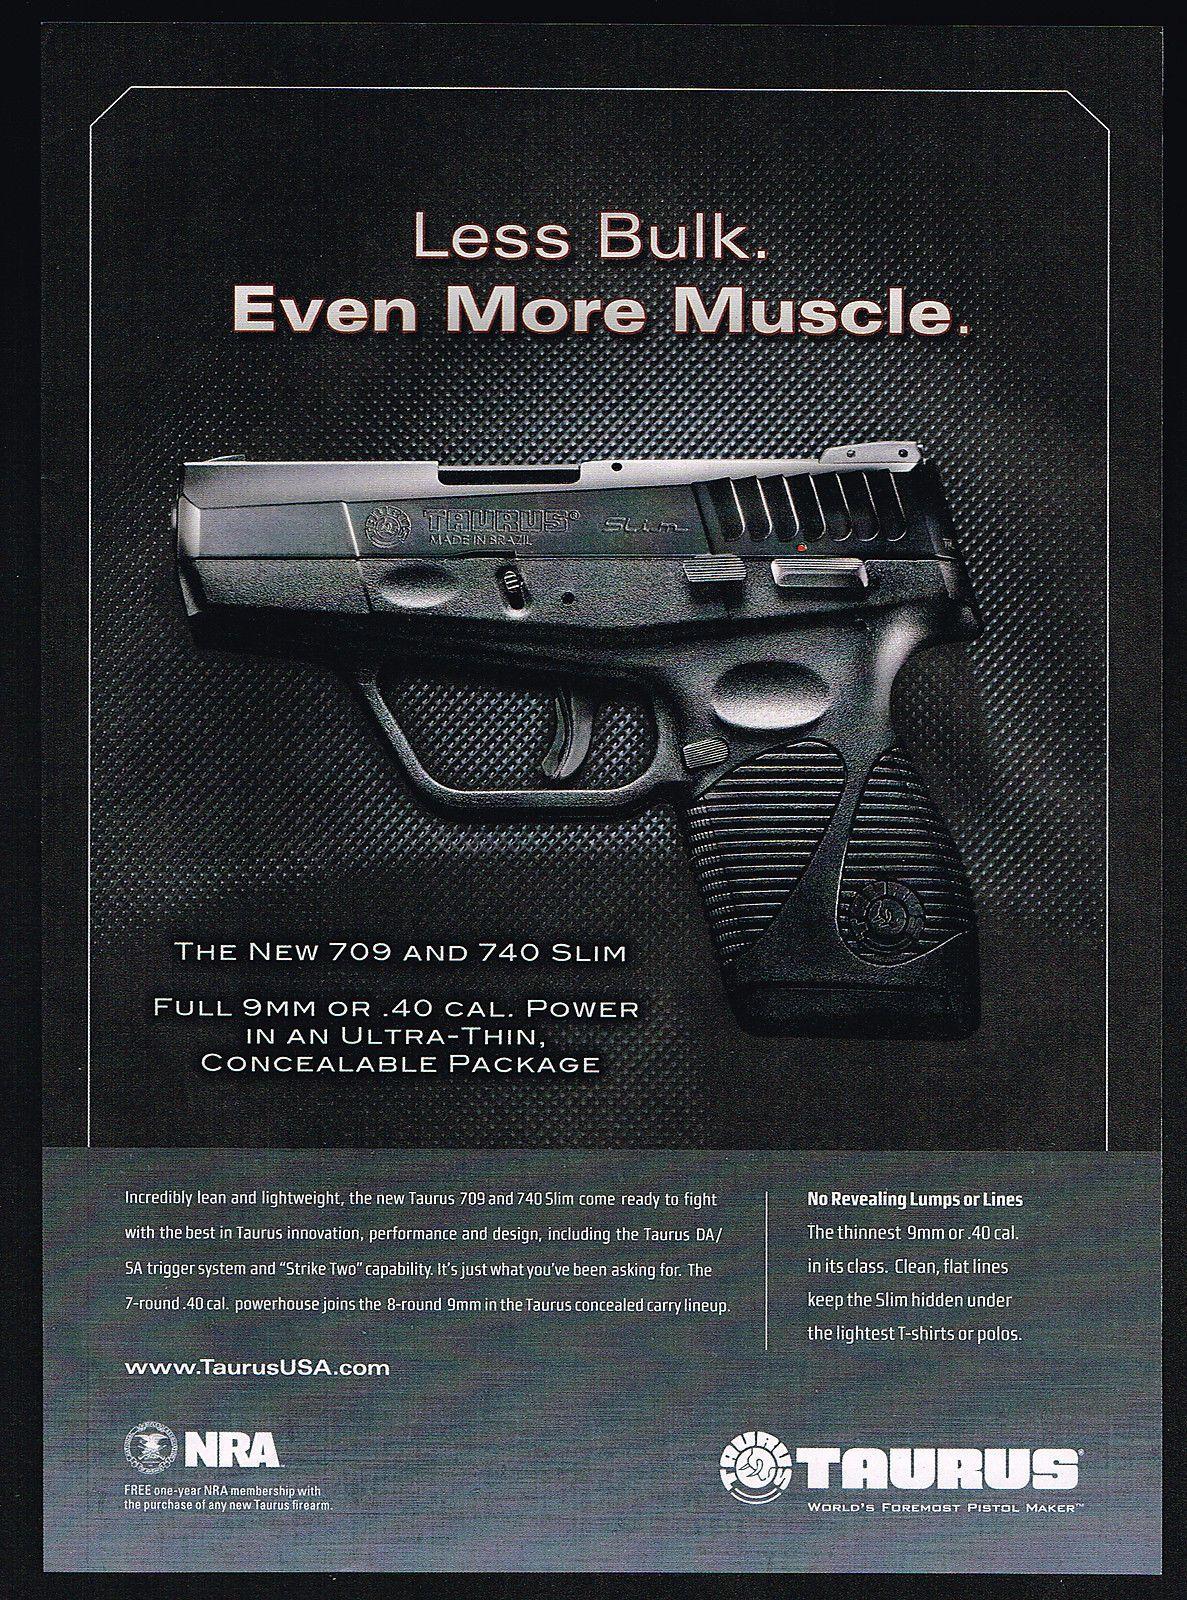 2011 Taurus 709 740 Slim Pistol Gun Less Bulk More Muscle Print Ad